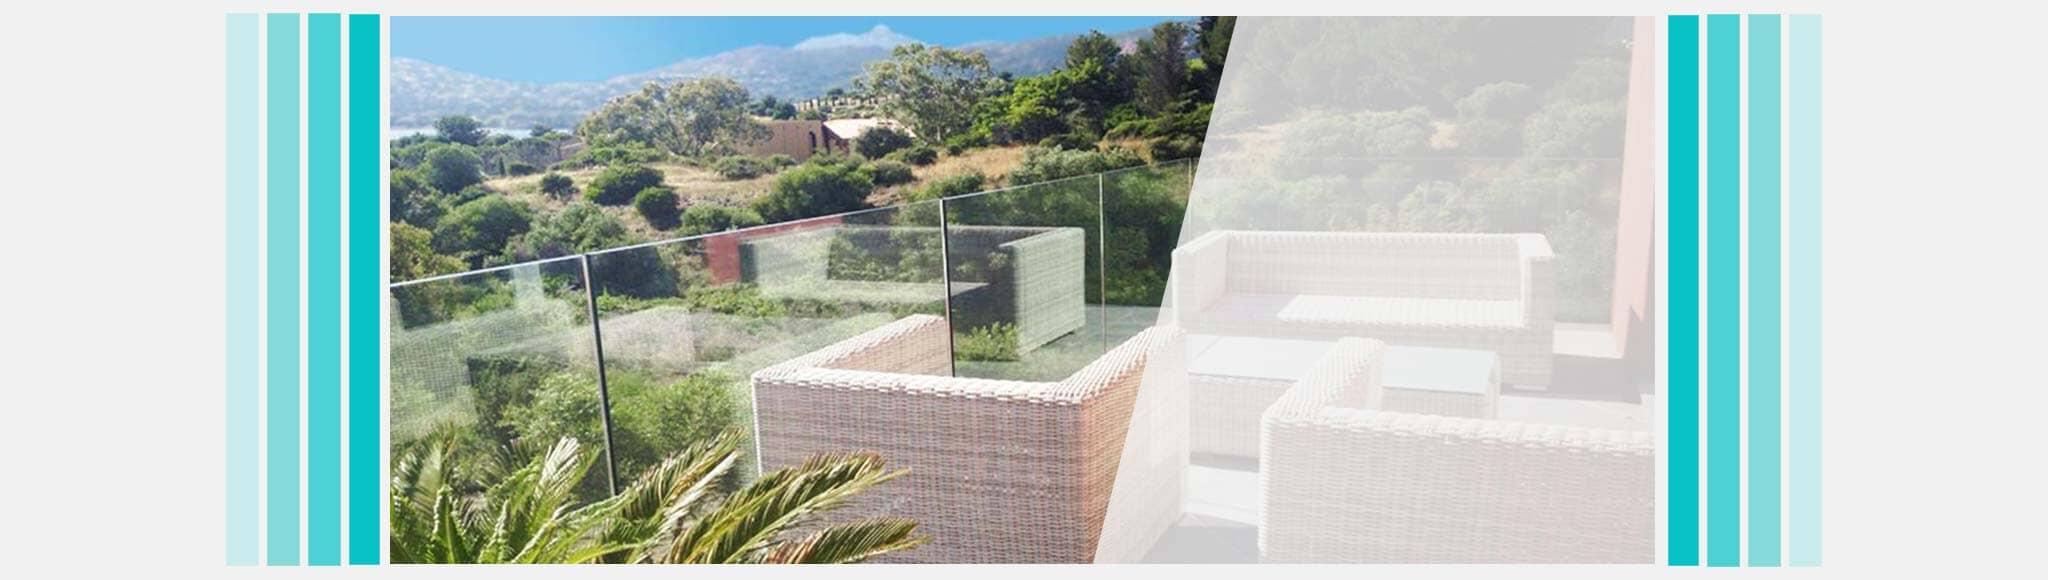 brise vue terrasse en verre cool brise vue en verre. Black Bedroom Furniture Sets. Home Design Ideas